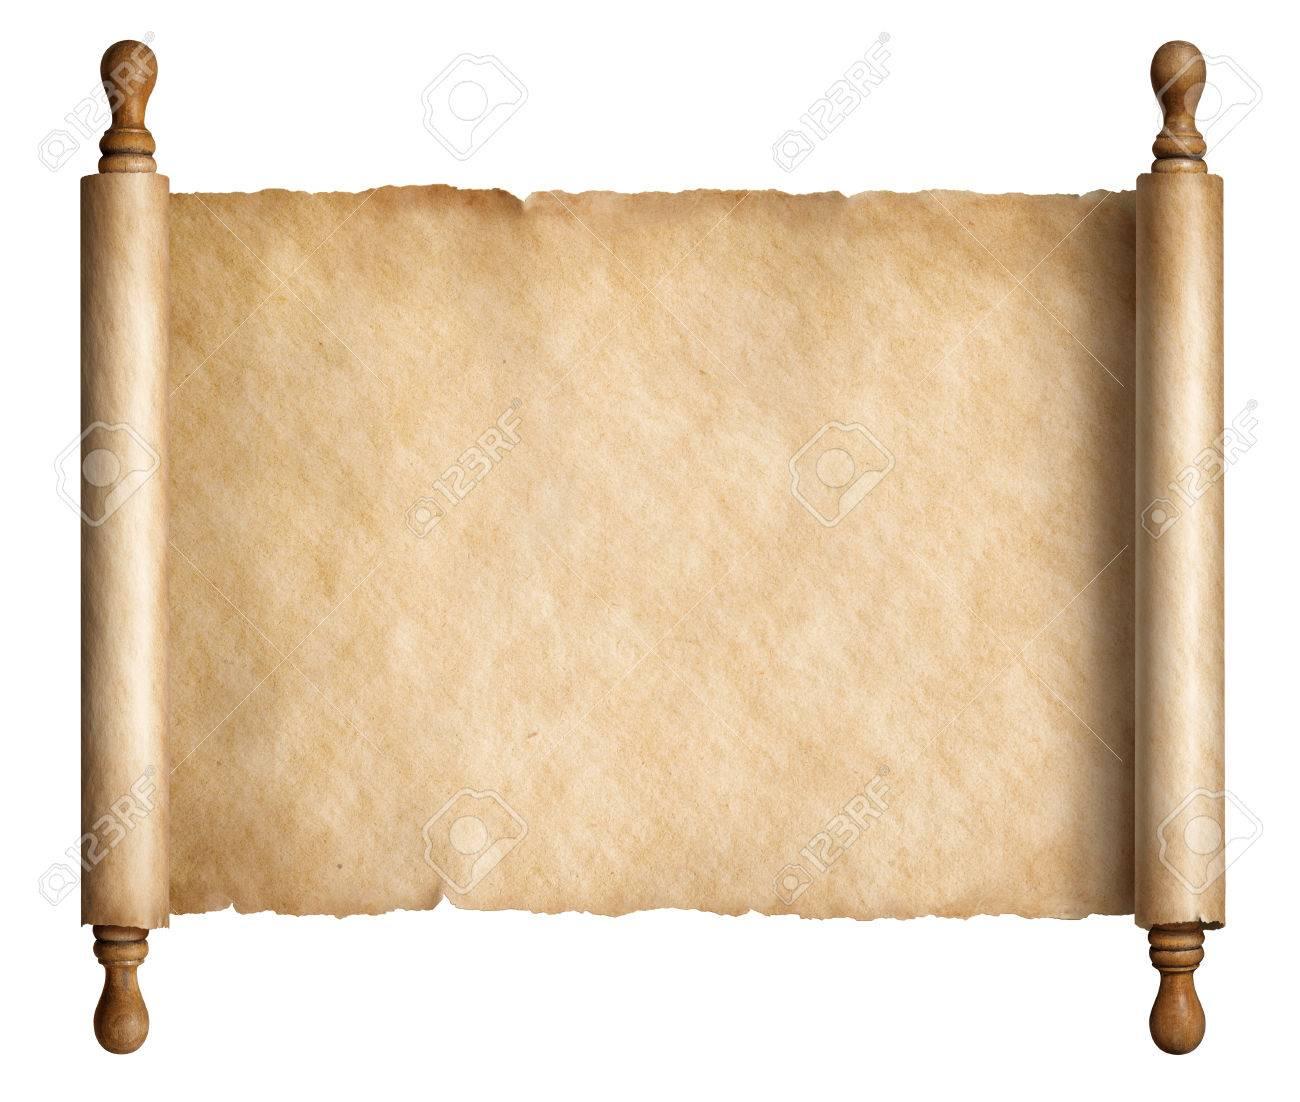 古い巻物や古代の羊皮紙が分離した 3 D イラスト の写真素材画像素材